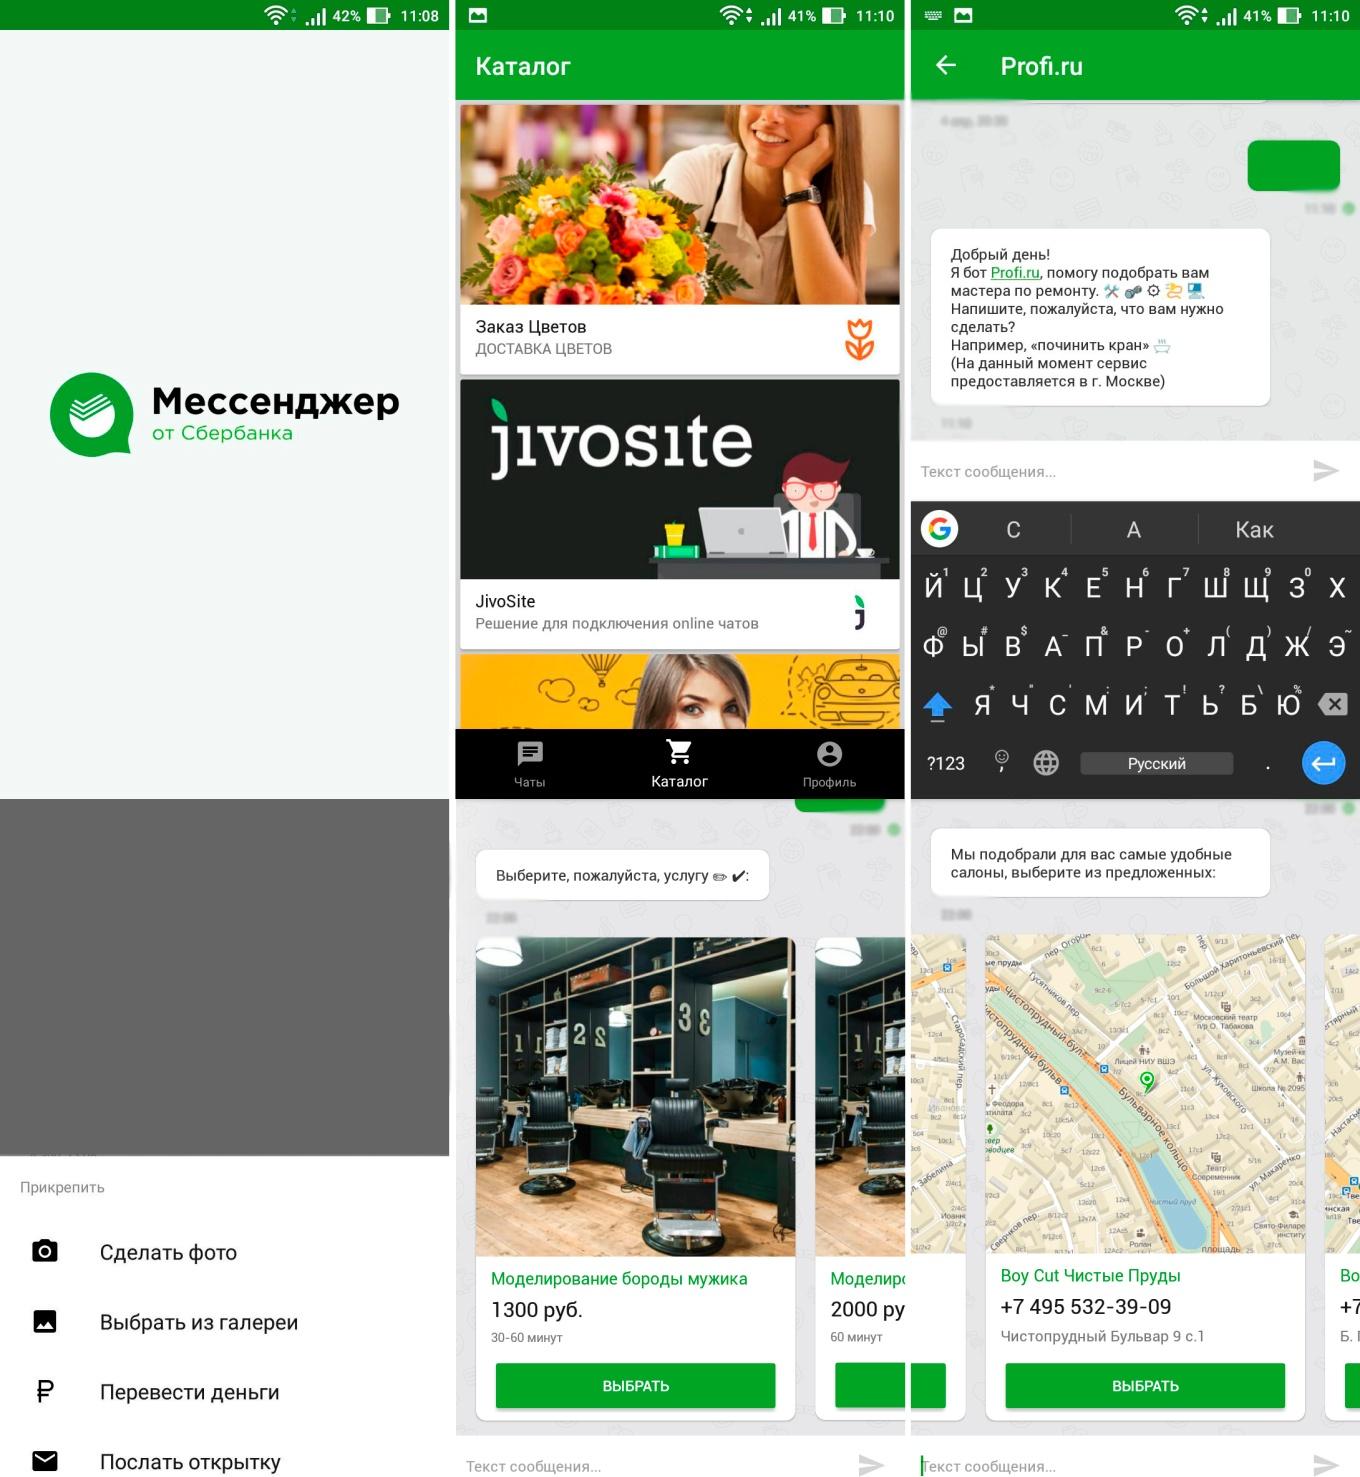 KupiVip в мире порошка, Яндекс.Маркет в эпохе ЖЖ и «Утконос» в топе магазинов - 1